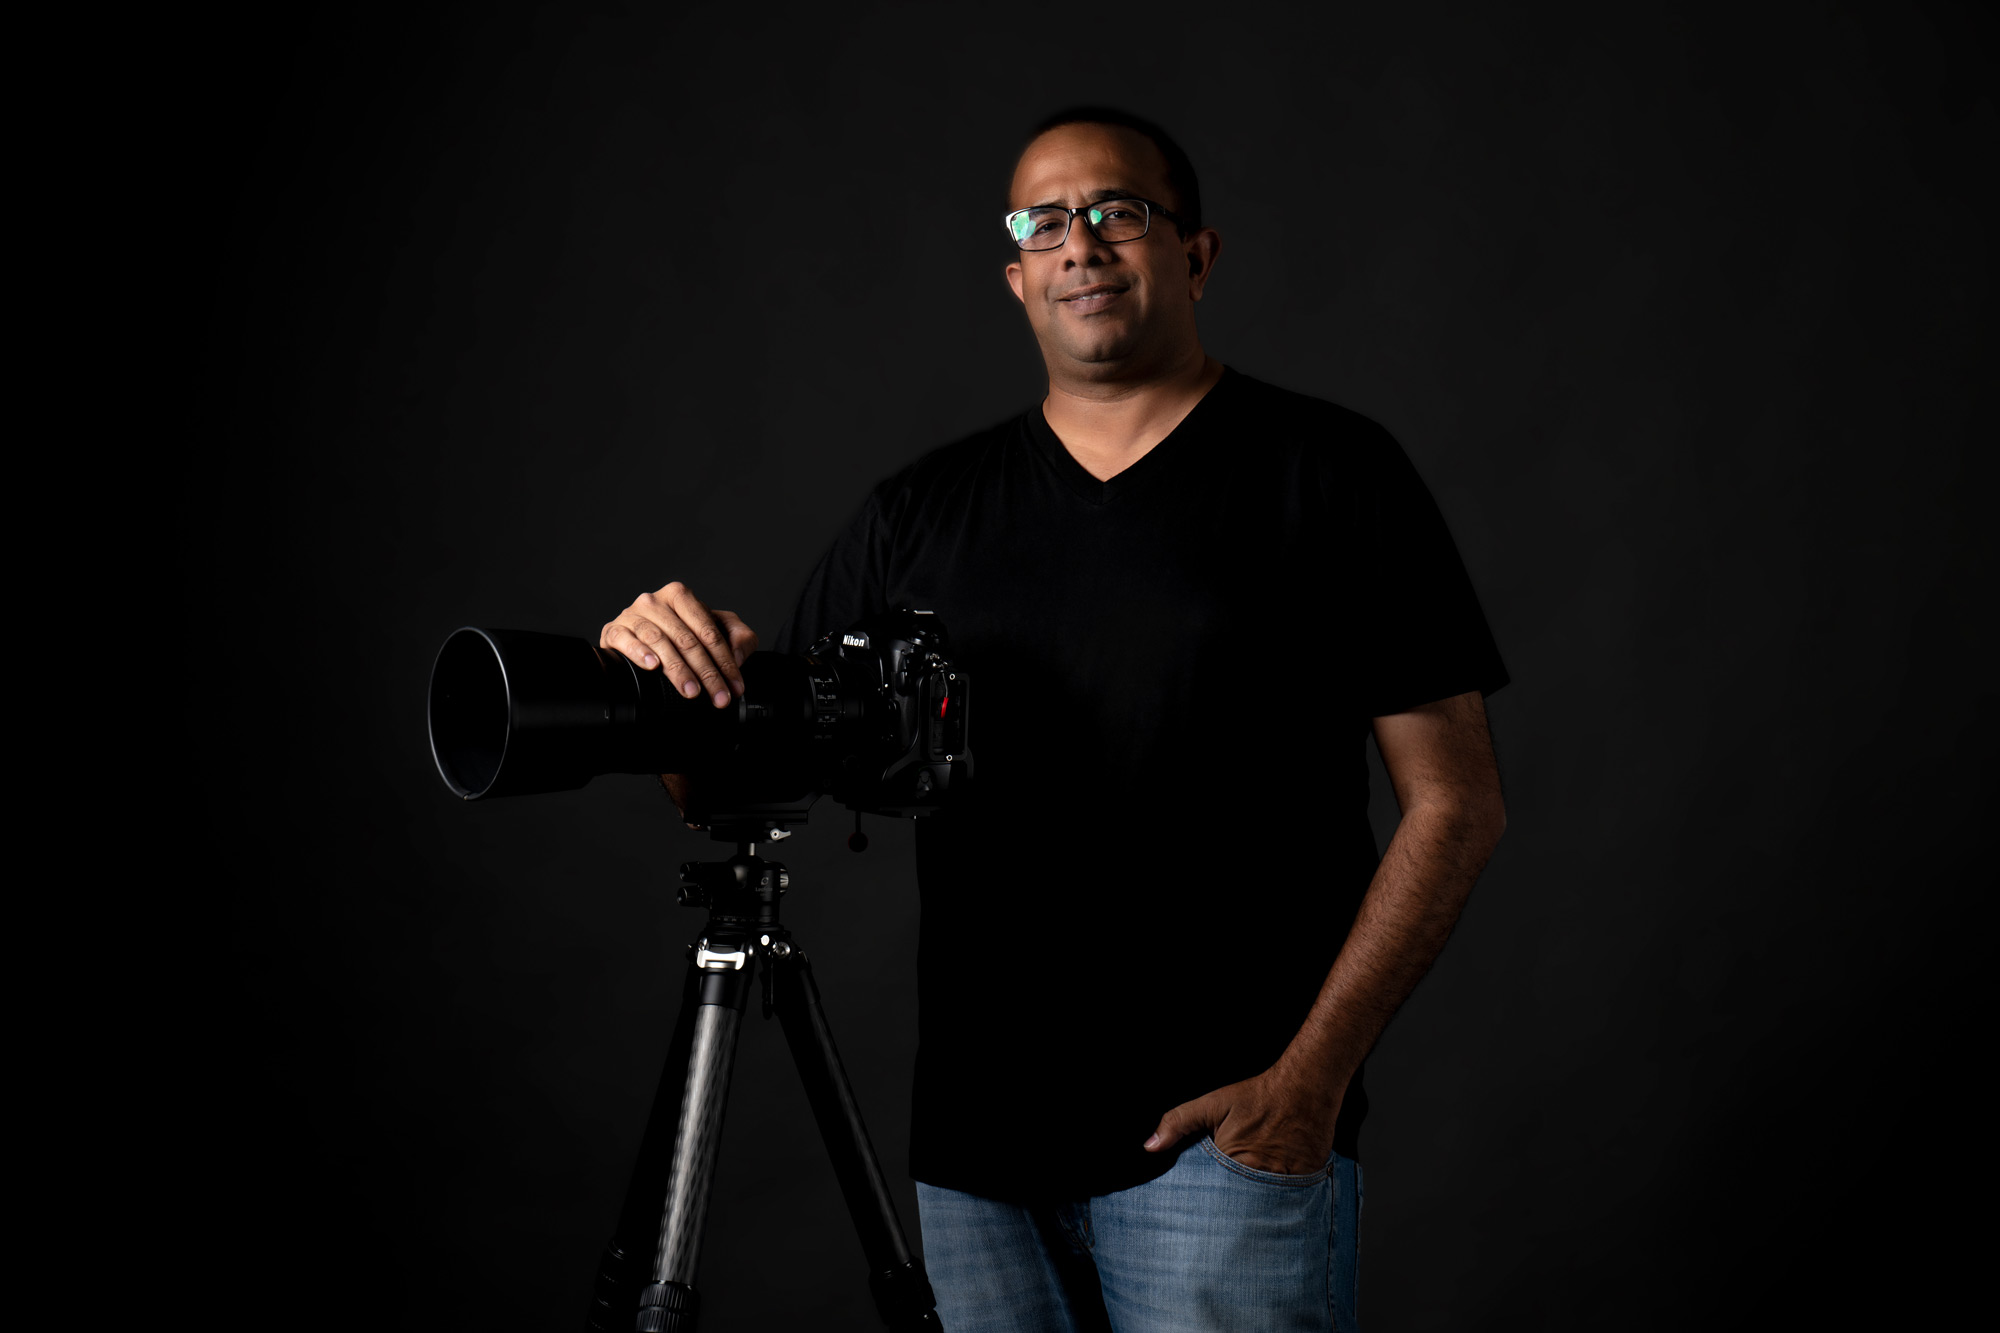 Anudeep Mathur -Nikon Expertive